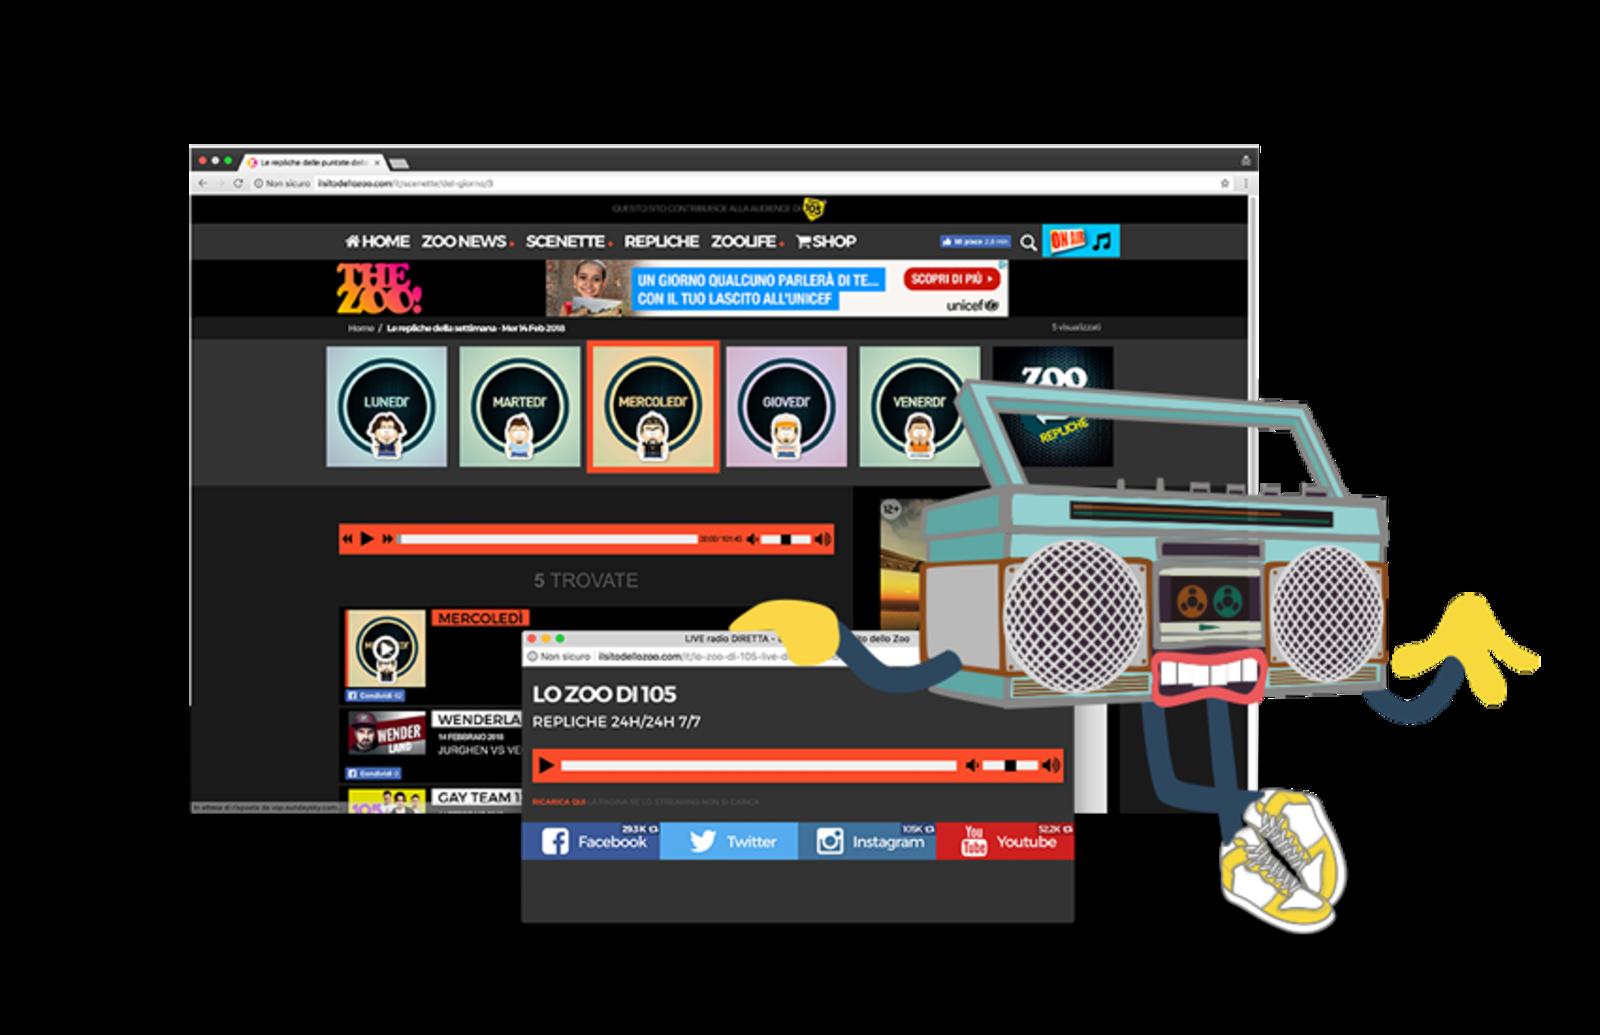 Immagine costituita da più schermate del sito compresa quella della diretta